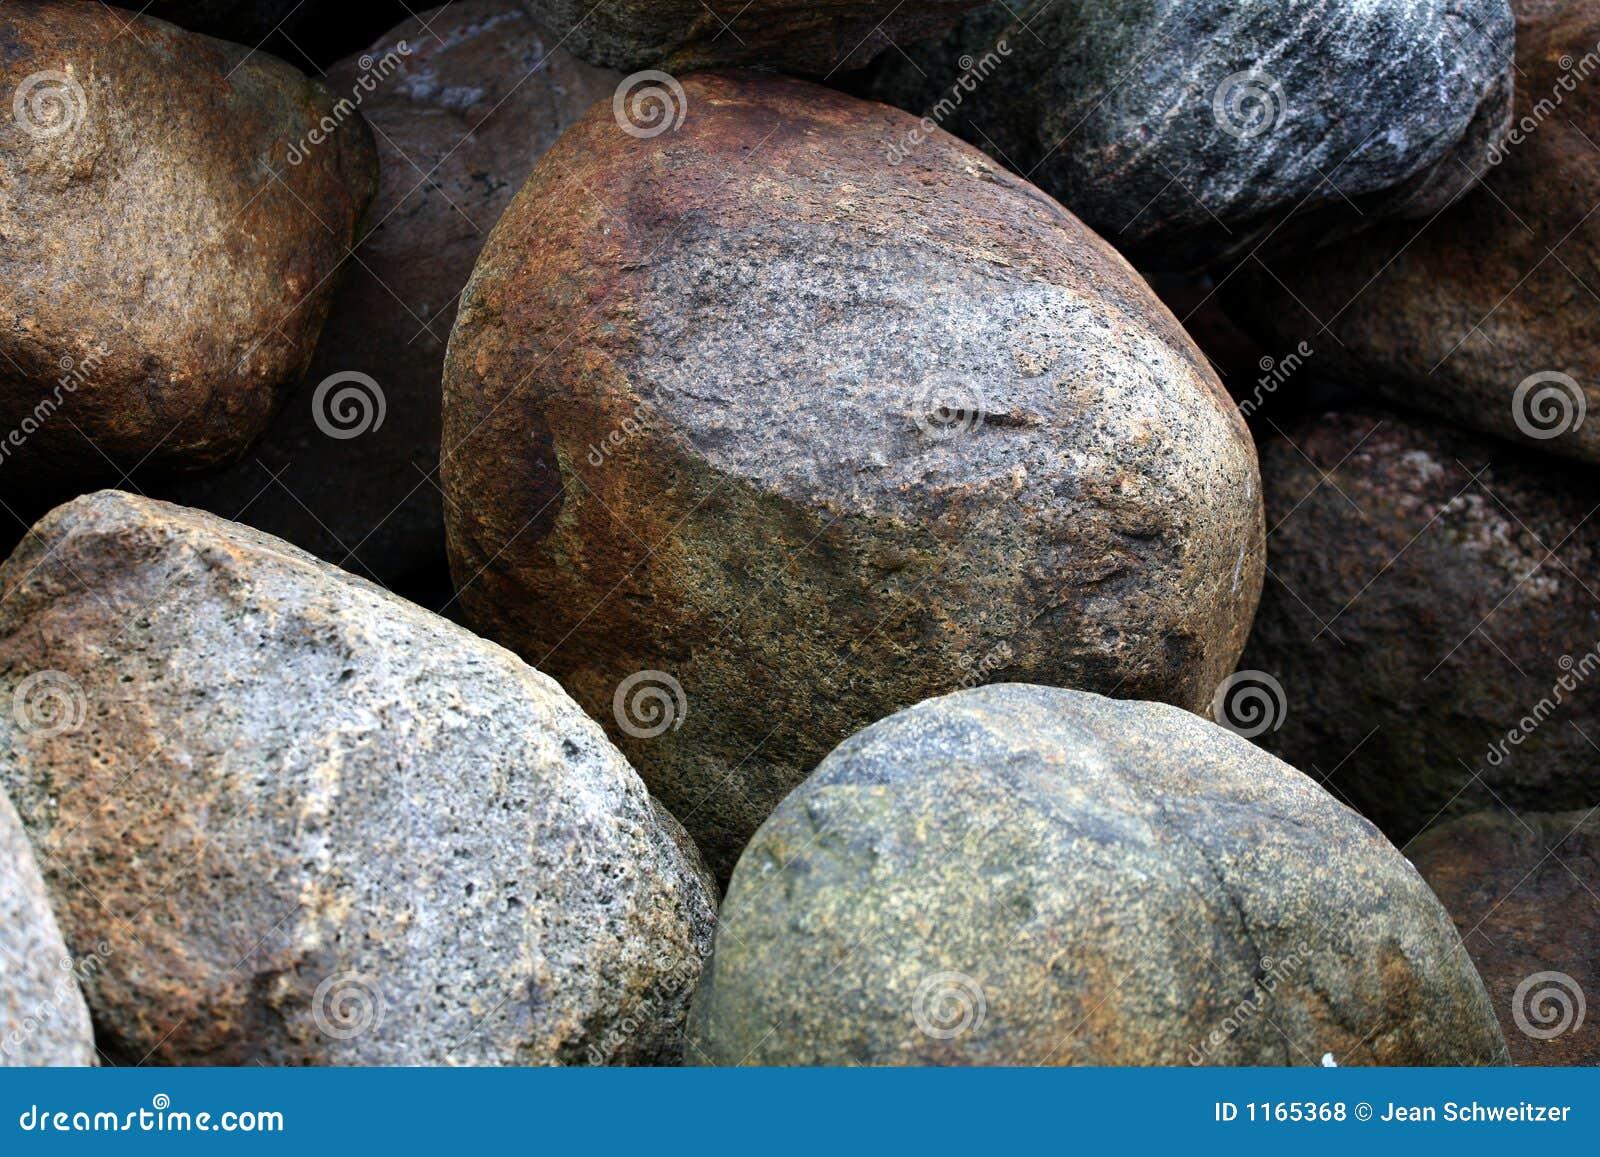 on stones ocean - photo #20